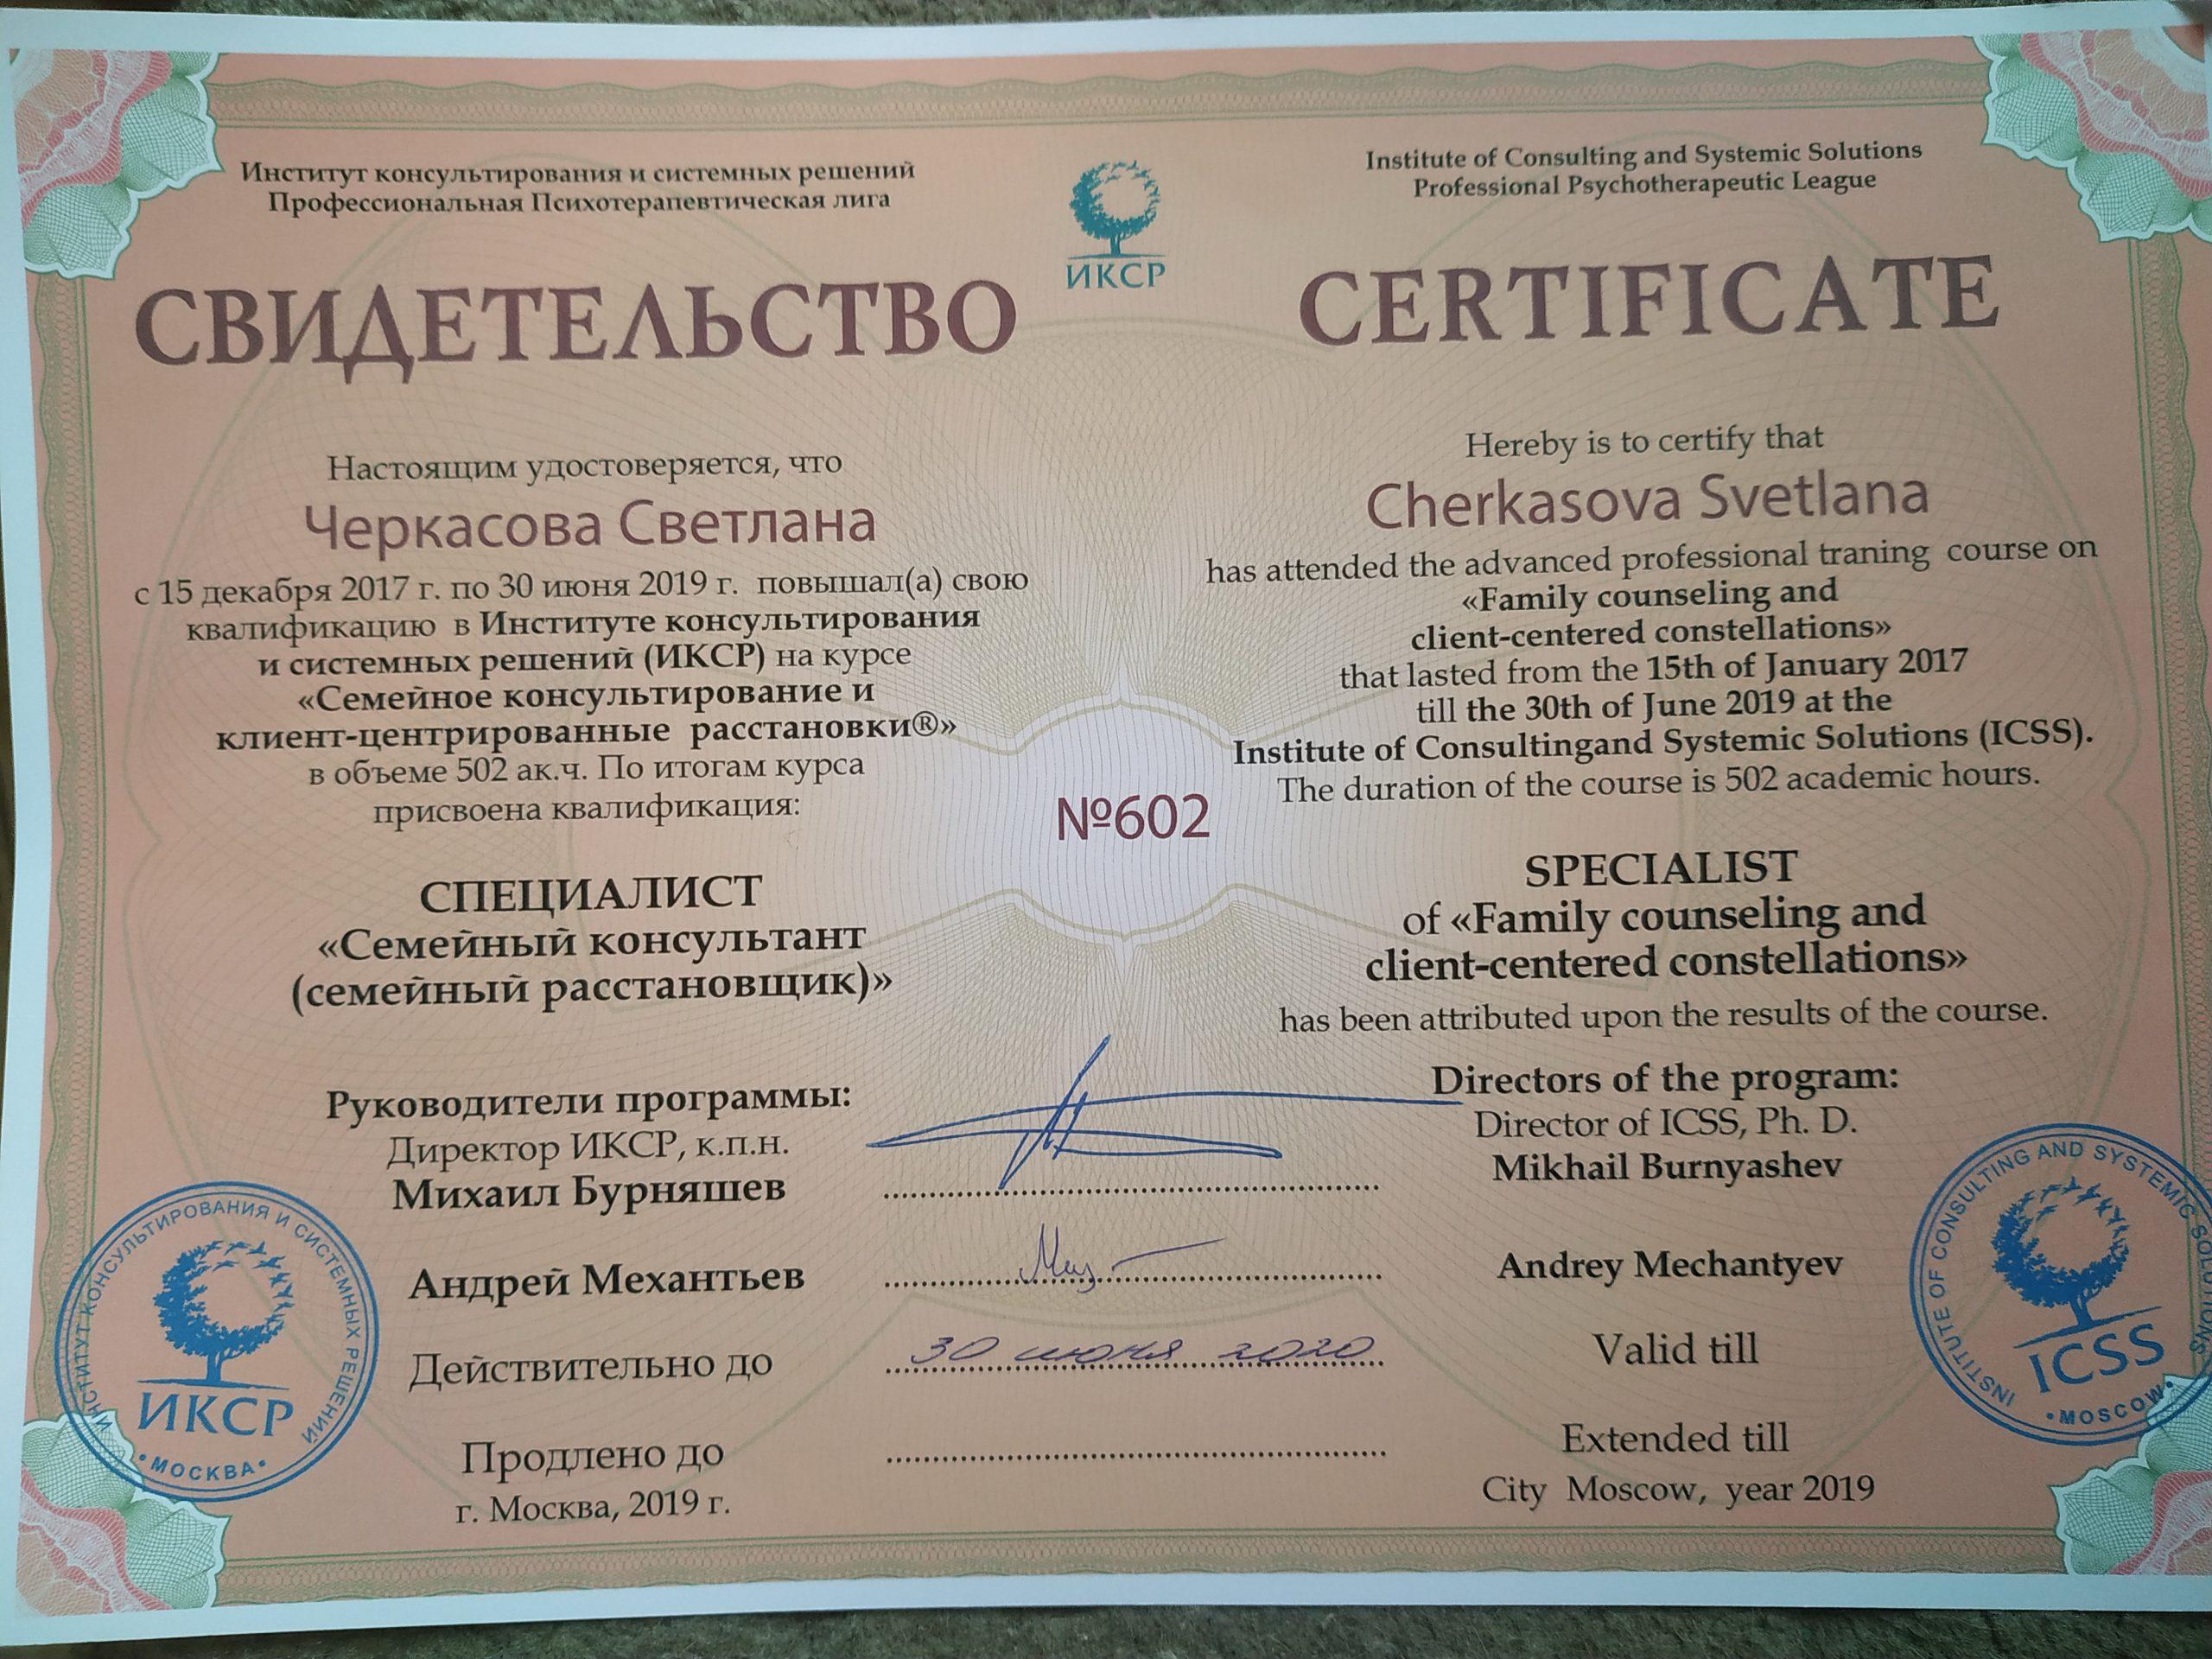 Сертификат расстановщика